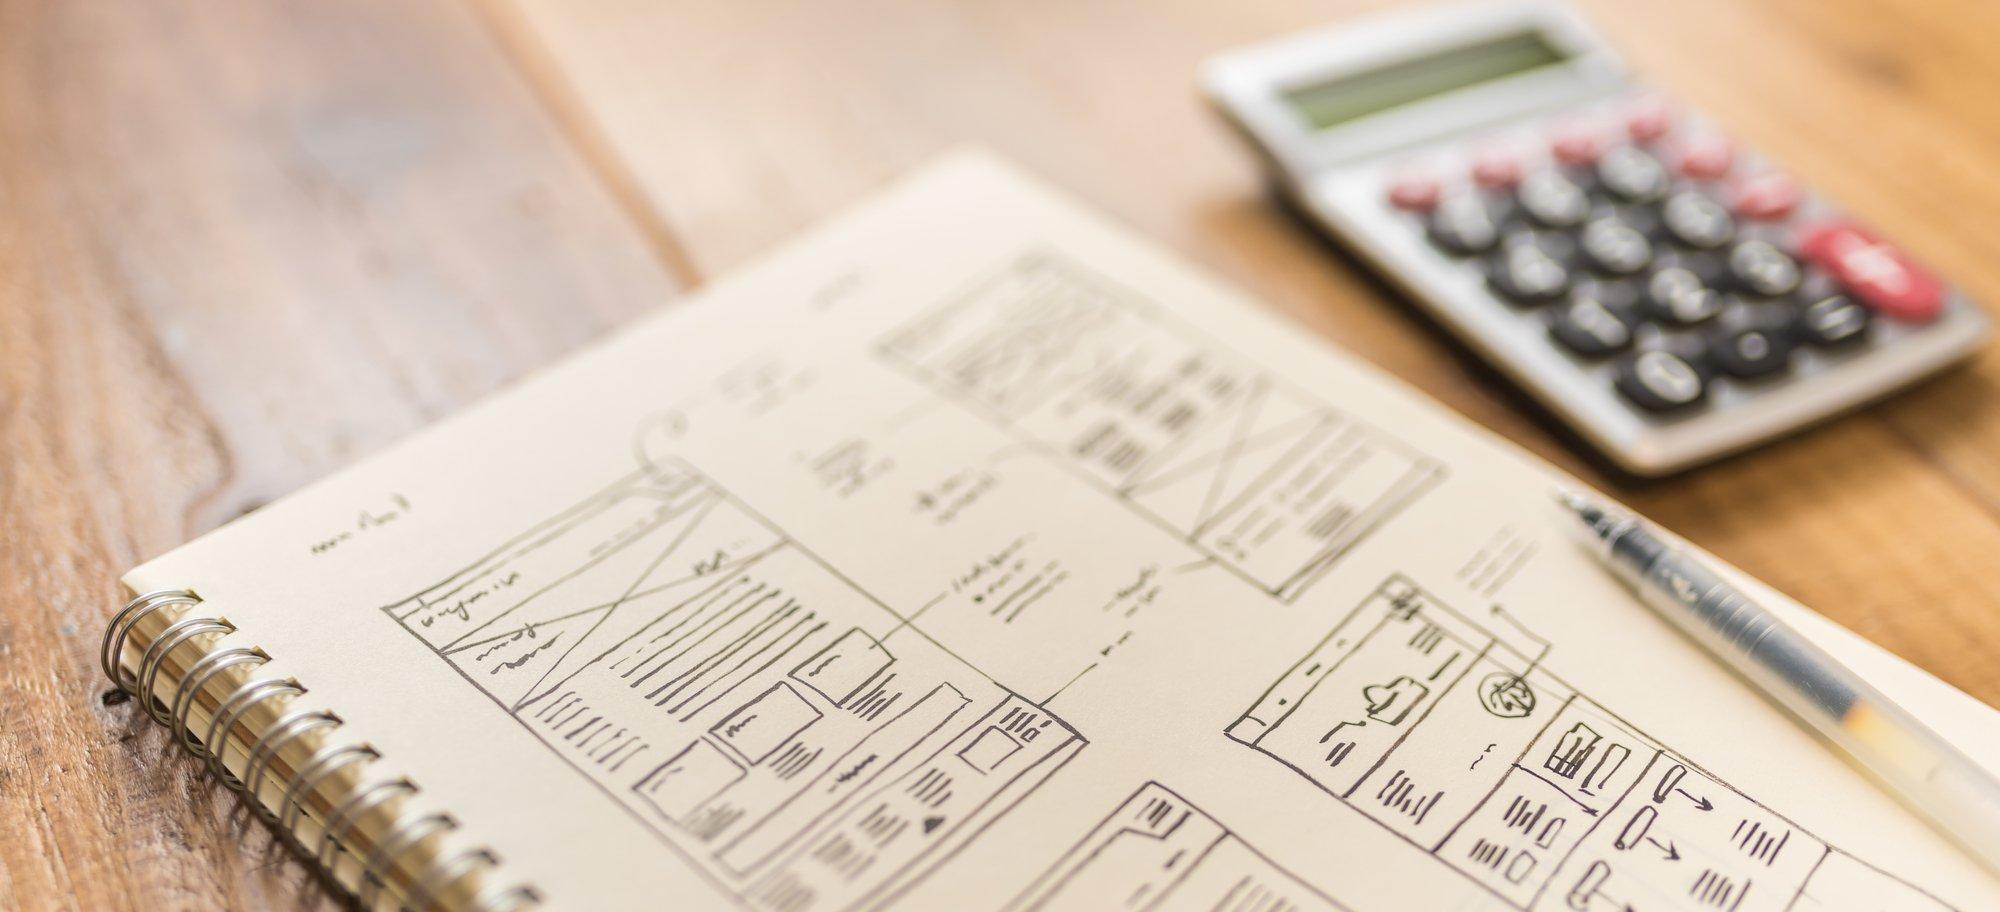 入力完了率が高いフォームのデザインとは?6つのポイント&好事例を解説